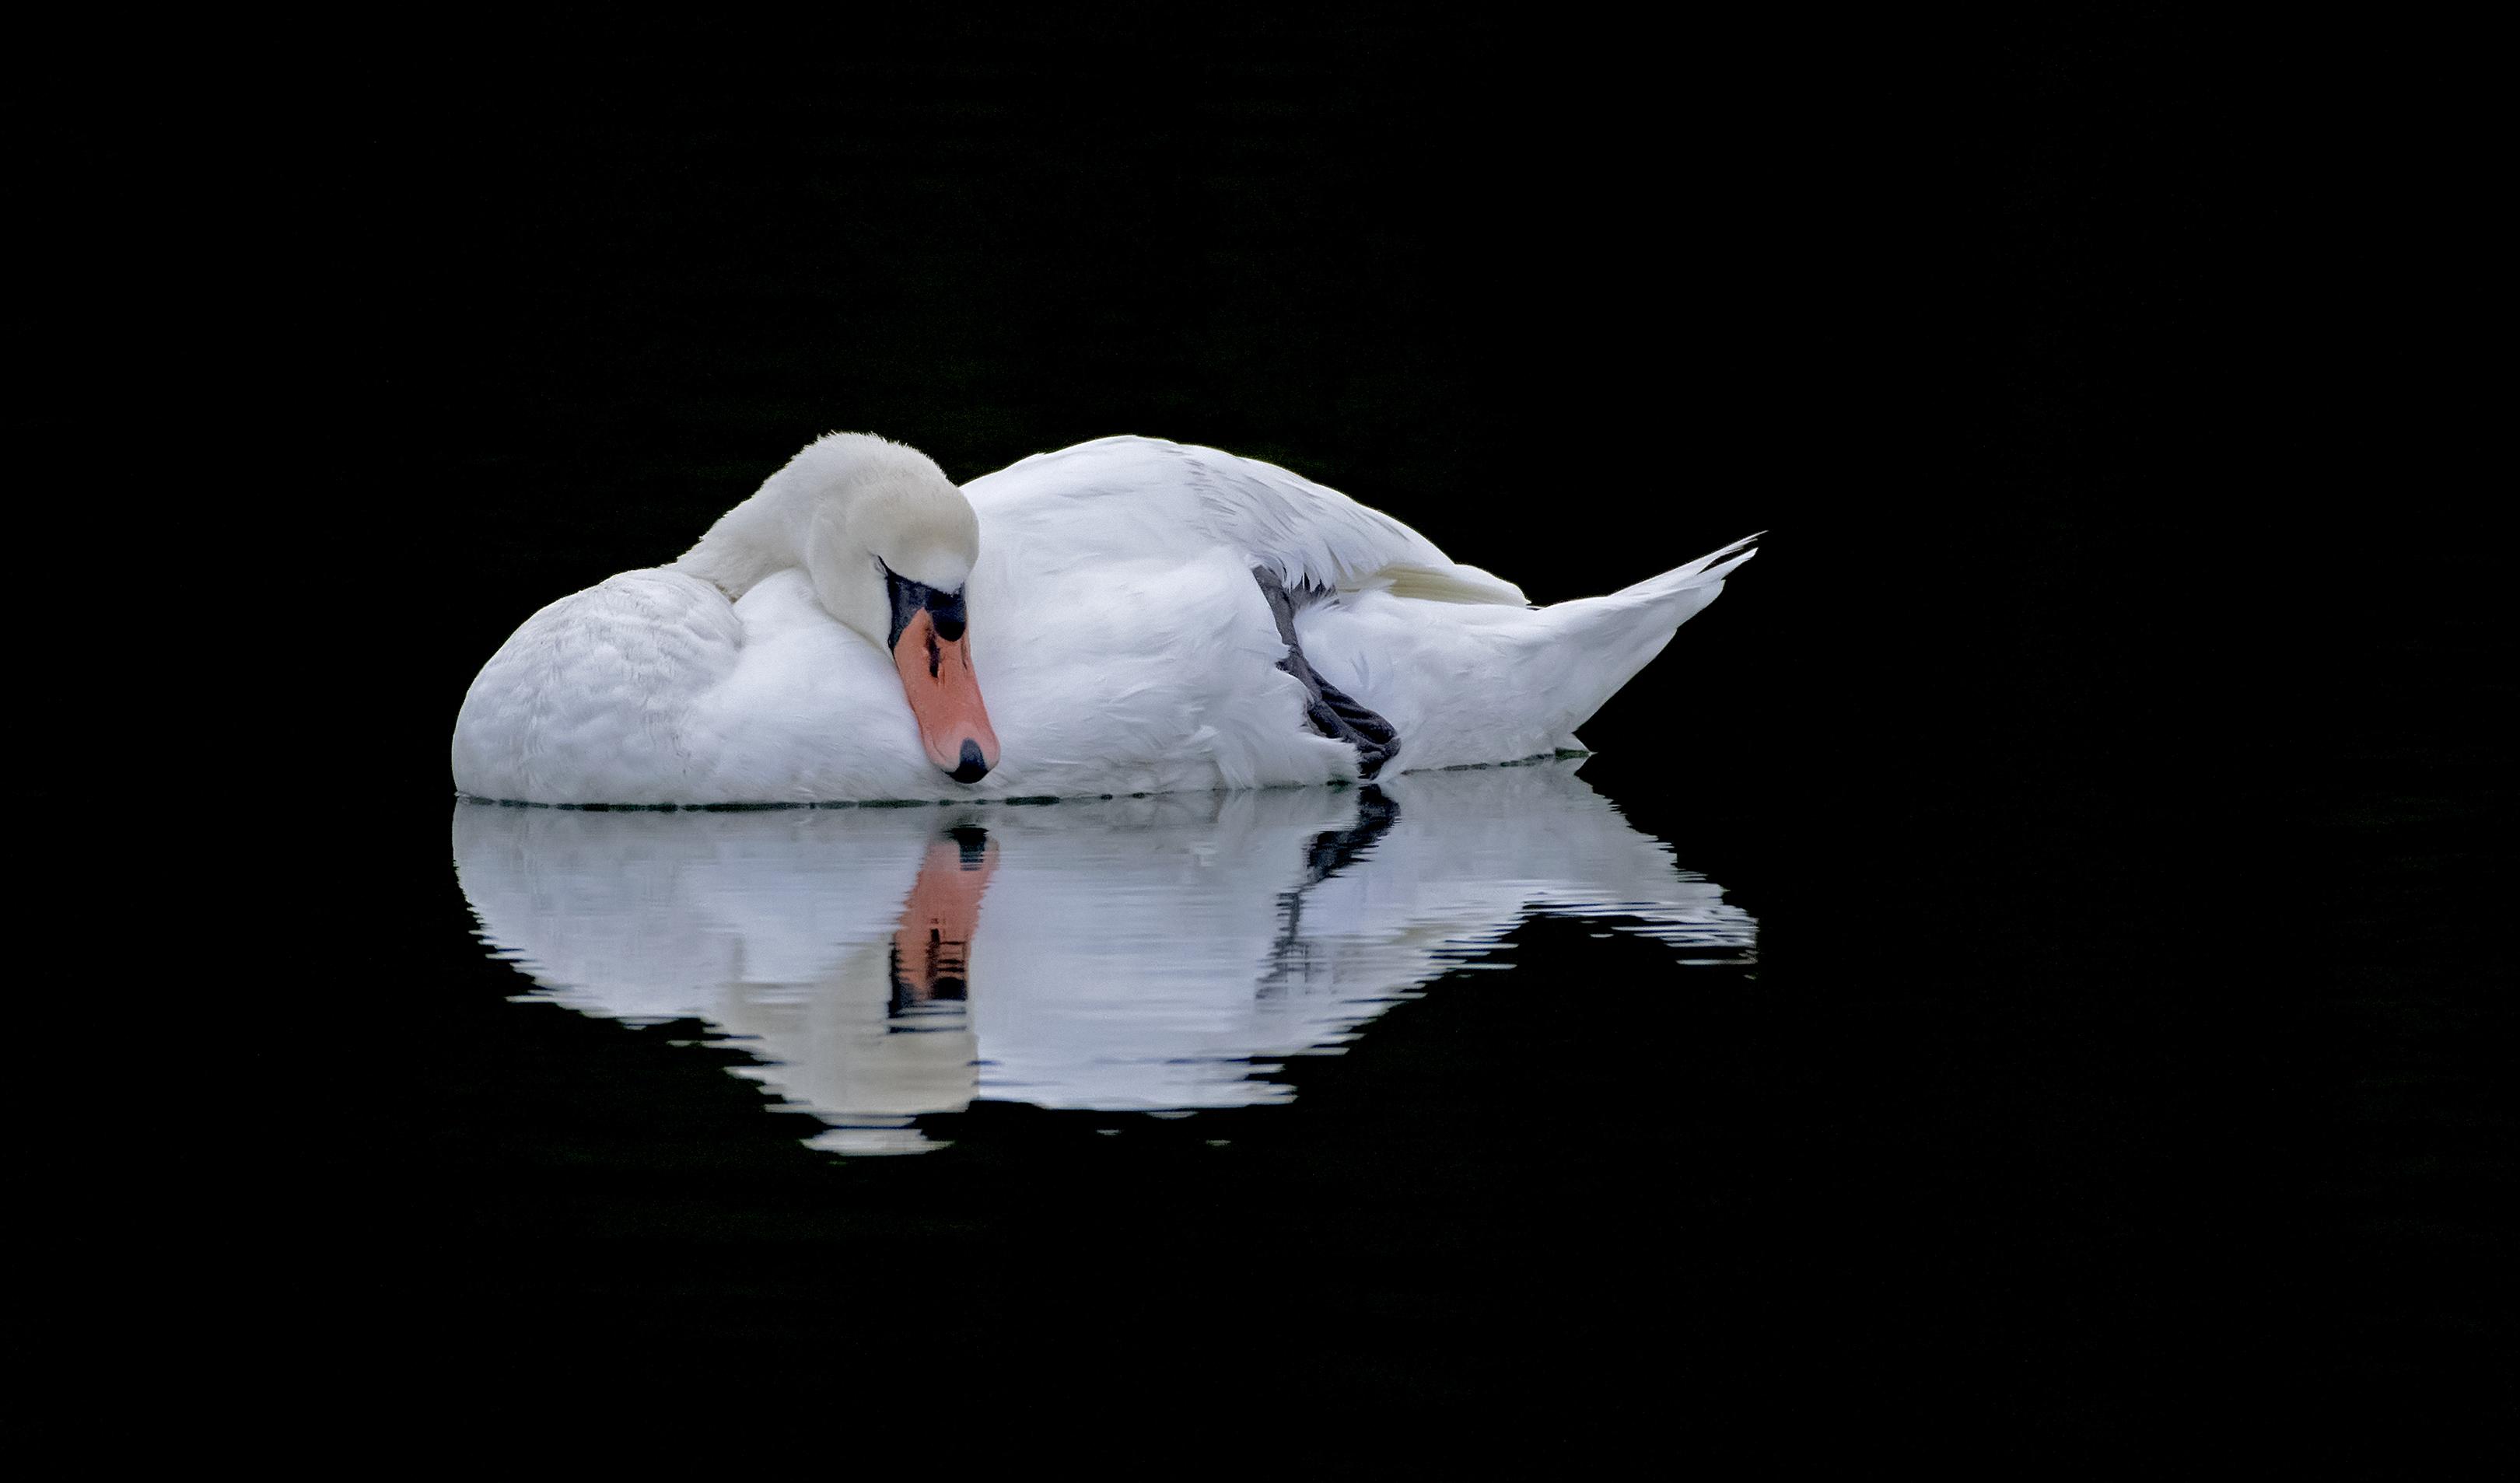 Swan-Sleeping-mirror